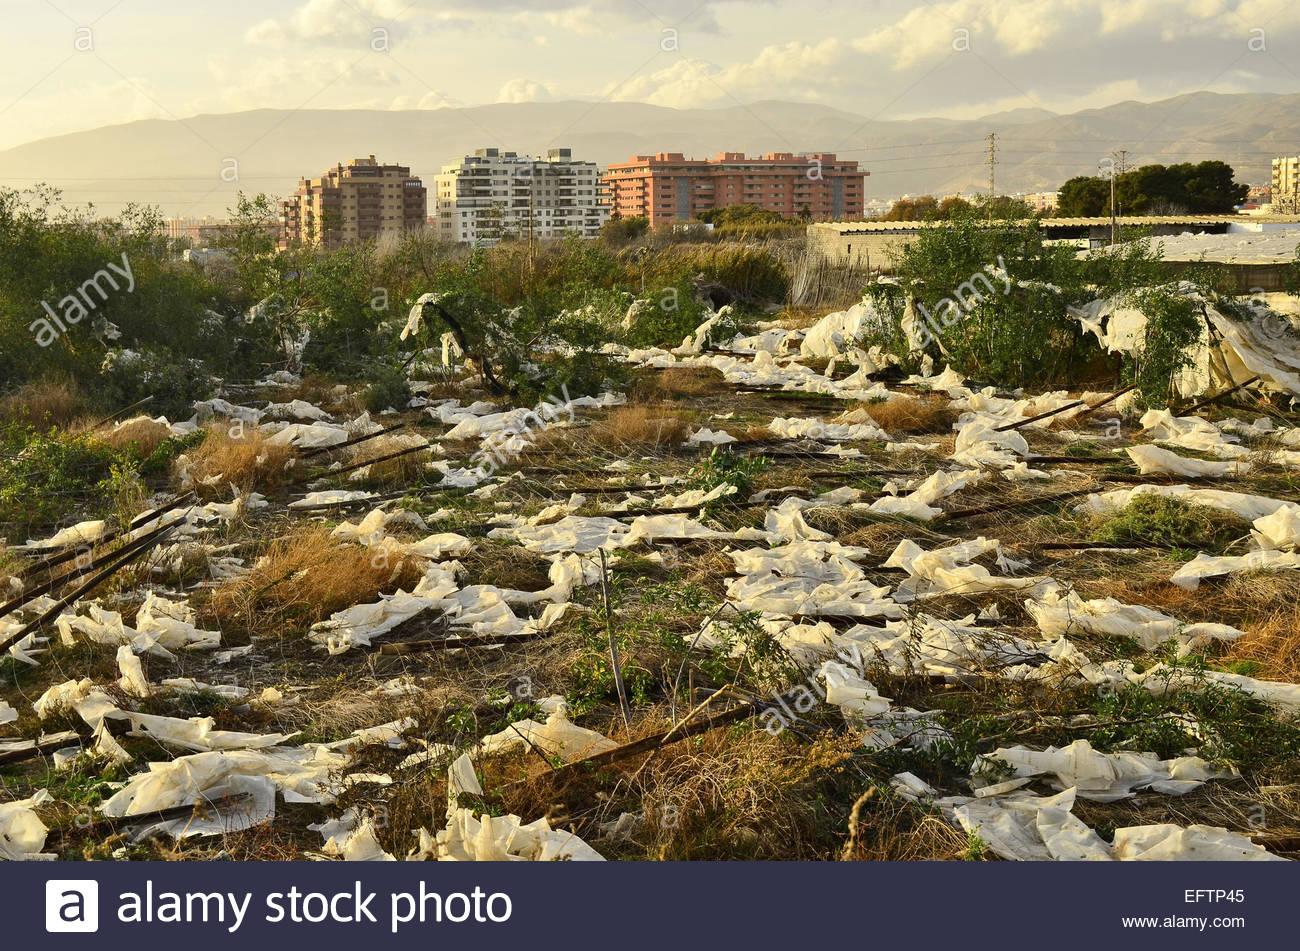 Rifiuti di plastica da serre lasciato sul terreno, Almeria Spagna del sud Europa. Immagini Stock